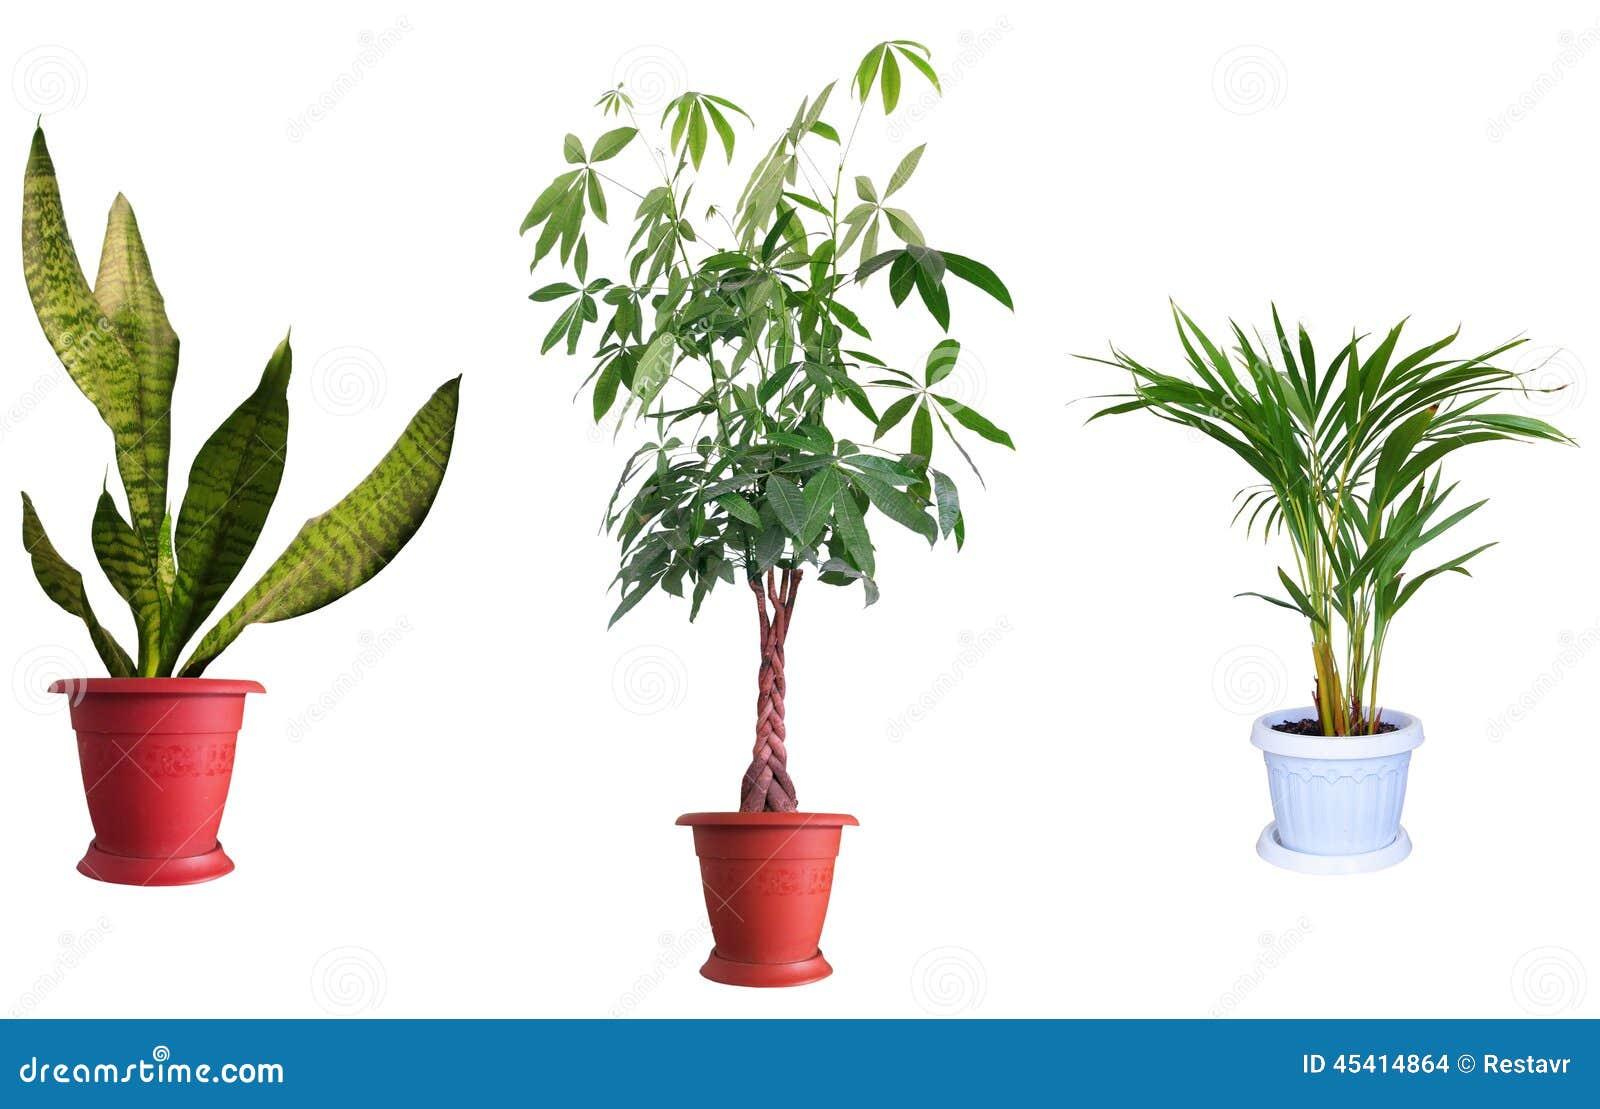 Plantas ornamentales foto de archivo imagen 45414864 for Imagenes de arboles ornamentales